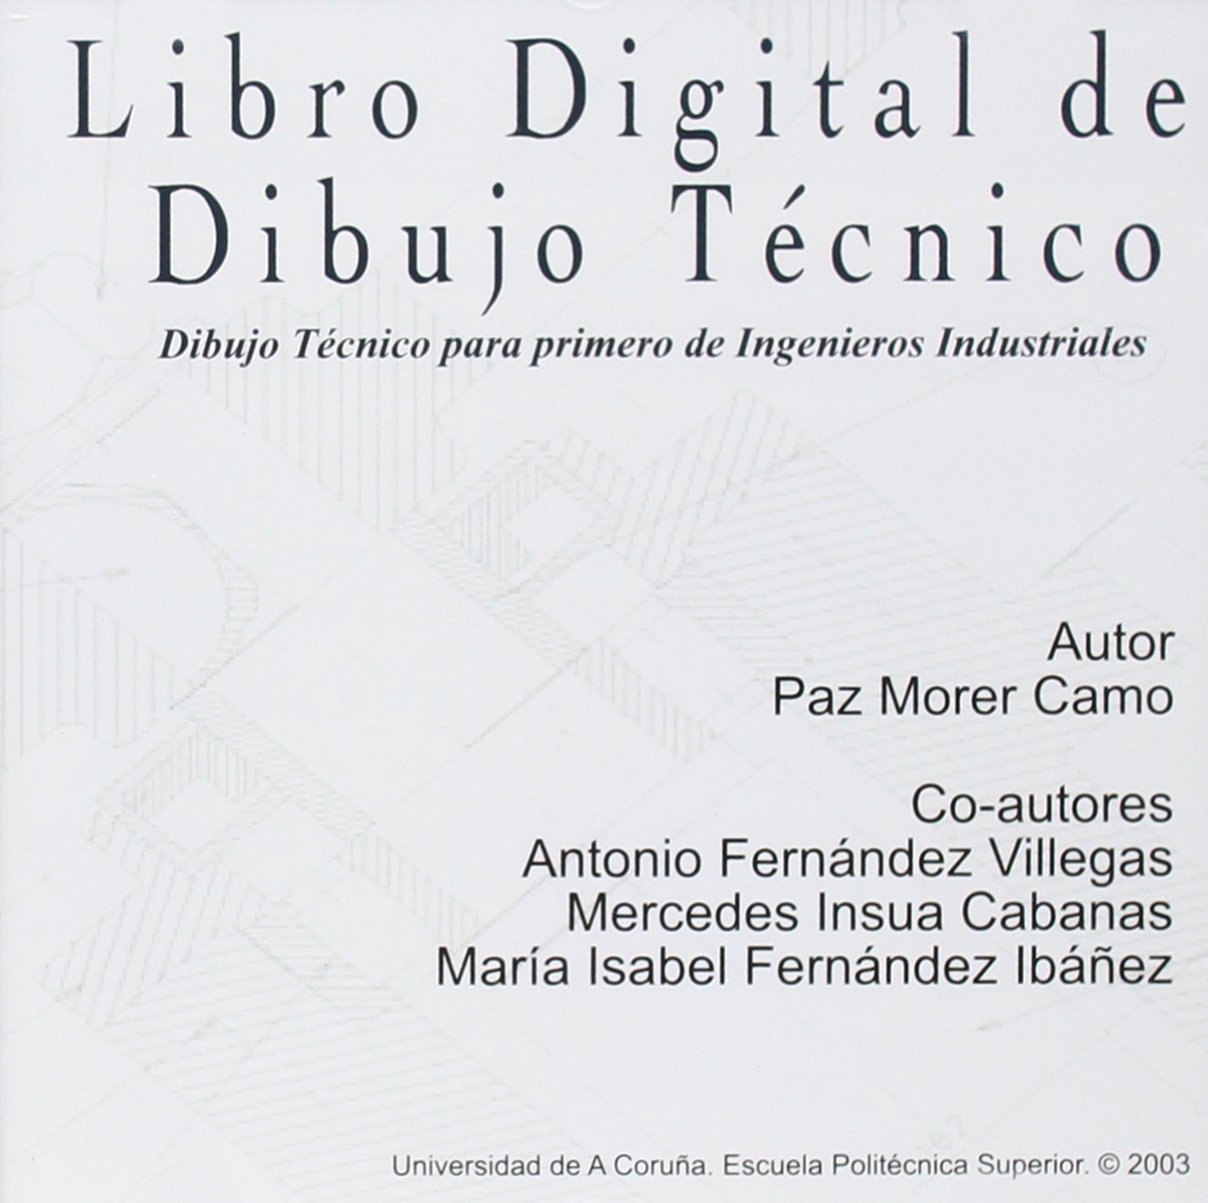 Libro digital de dibujo tecnico Dibujo tecnico para primero de